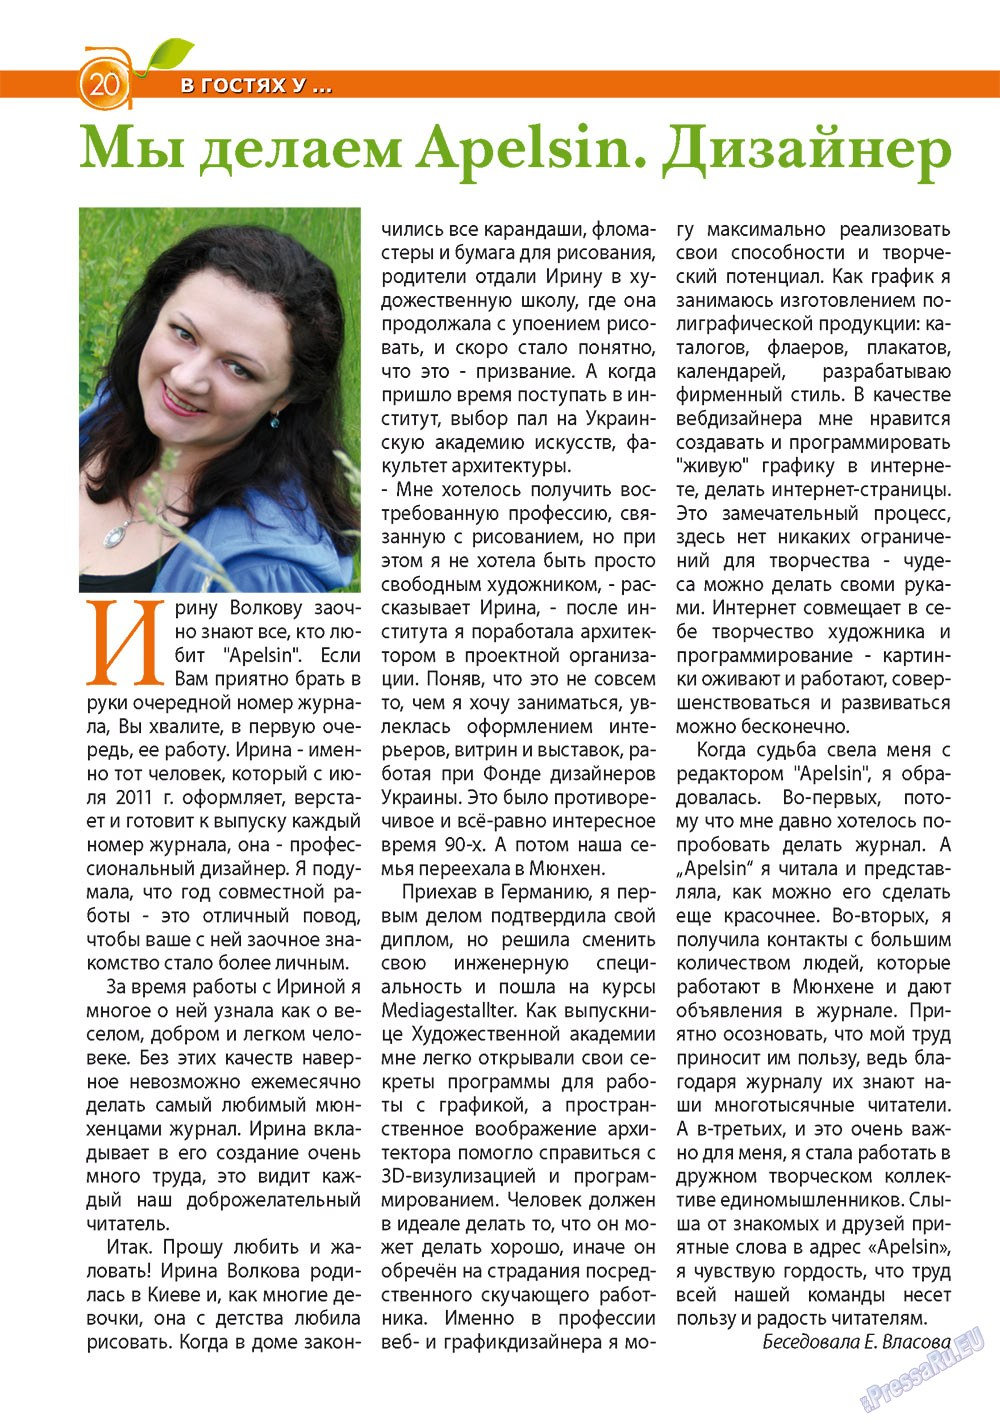 Апельсин (журнал). 2012 год, номер 35, стр. 20